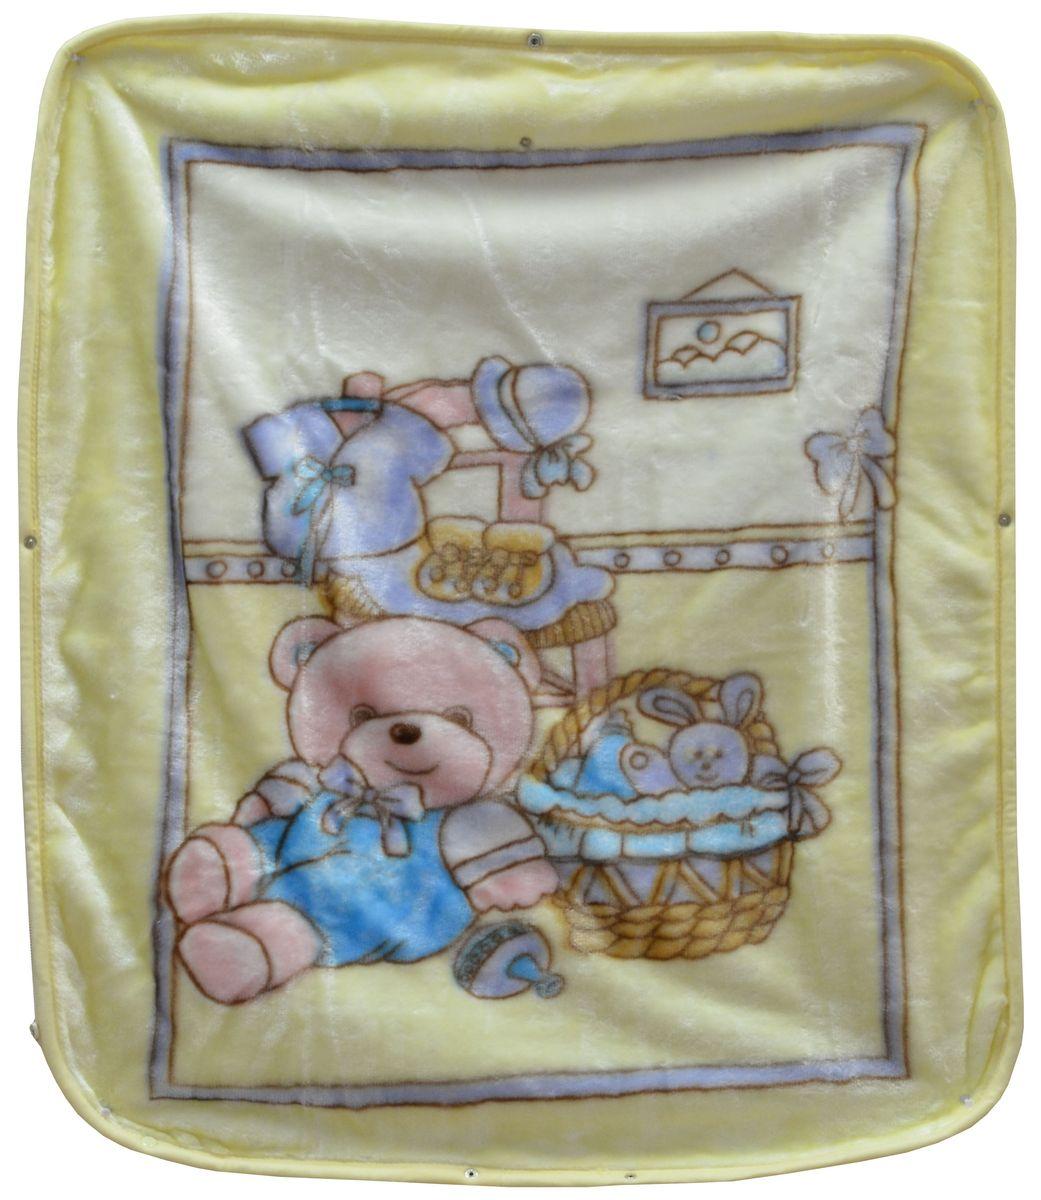 Bonne Fee Плед-накидка для младенцев на молнии 2, 80 х 90 см, цвет: желтый4448/пдПлед-накидка для младенцев на молнии Bonne Fee - защита, тепло и комфорт для малышей - использован надёжный, качественный и мягкий материал! Удобство и спокойствие для родителей обеспечивается универсальностью пледа-накидки, конструкция которого позволяет ему легко превращаться в конвертик. Отличное качество и практичность! Любите своего ребёнка и дарите ему лучшее!